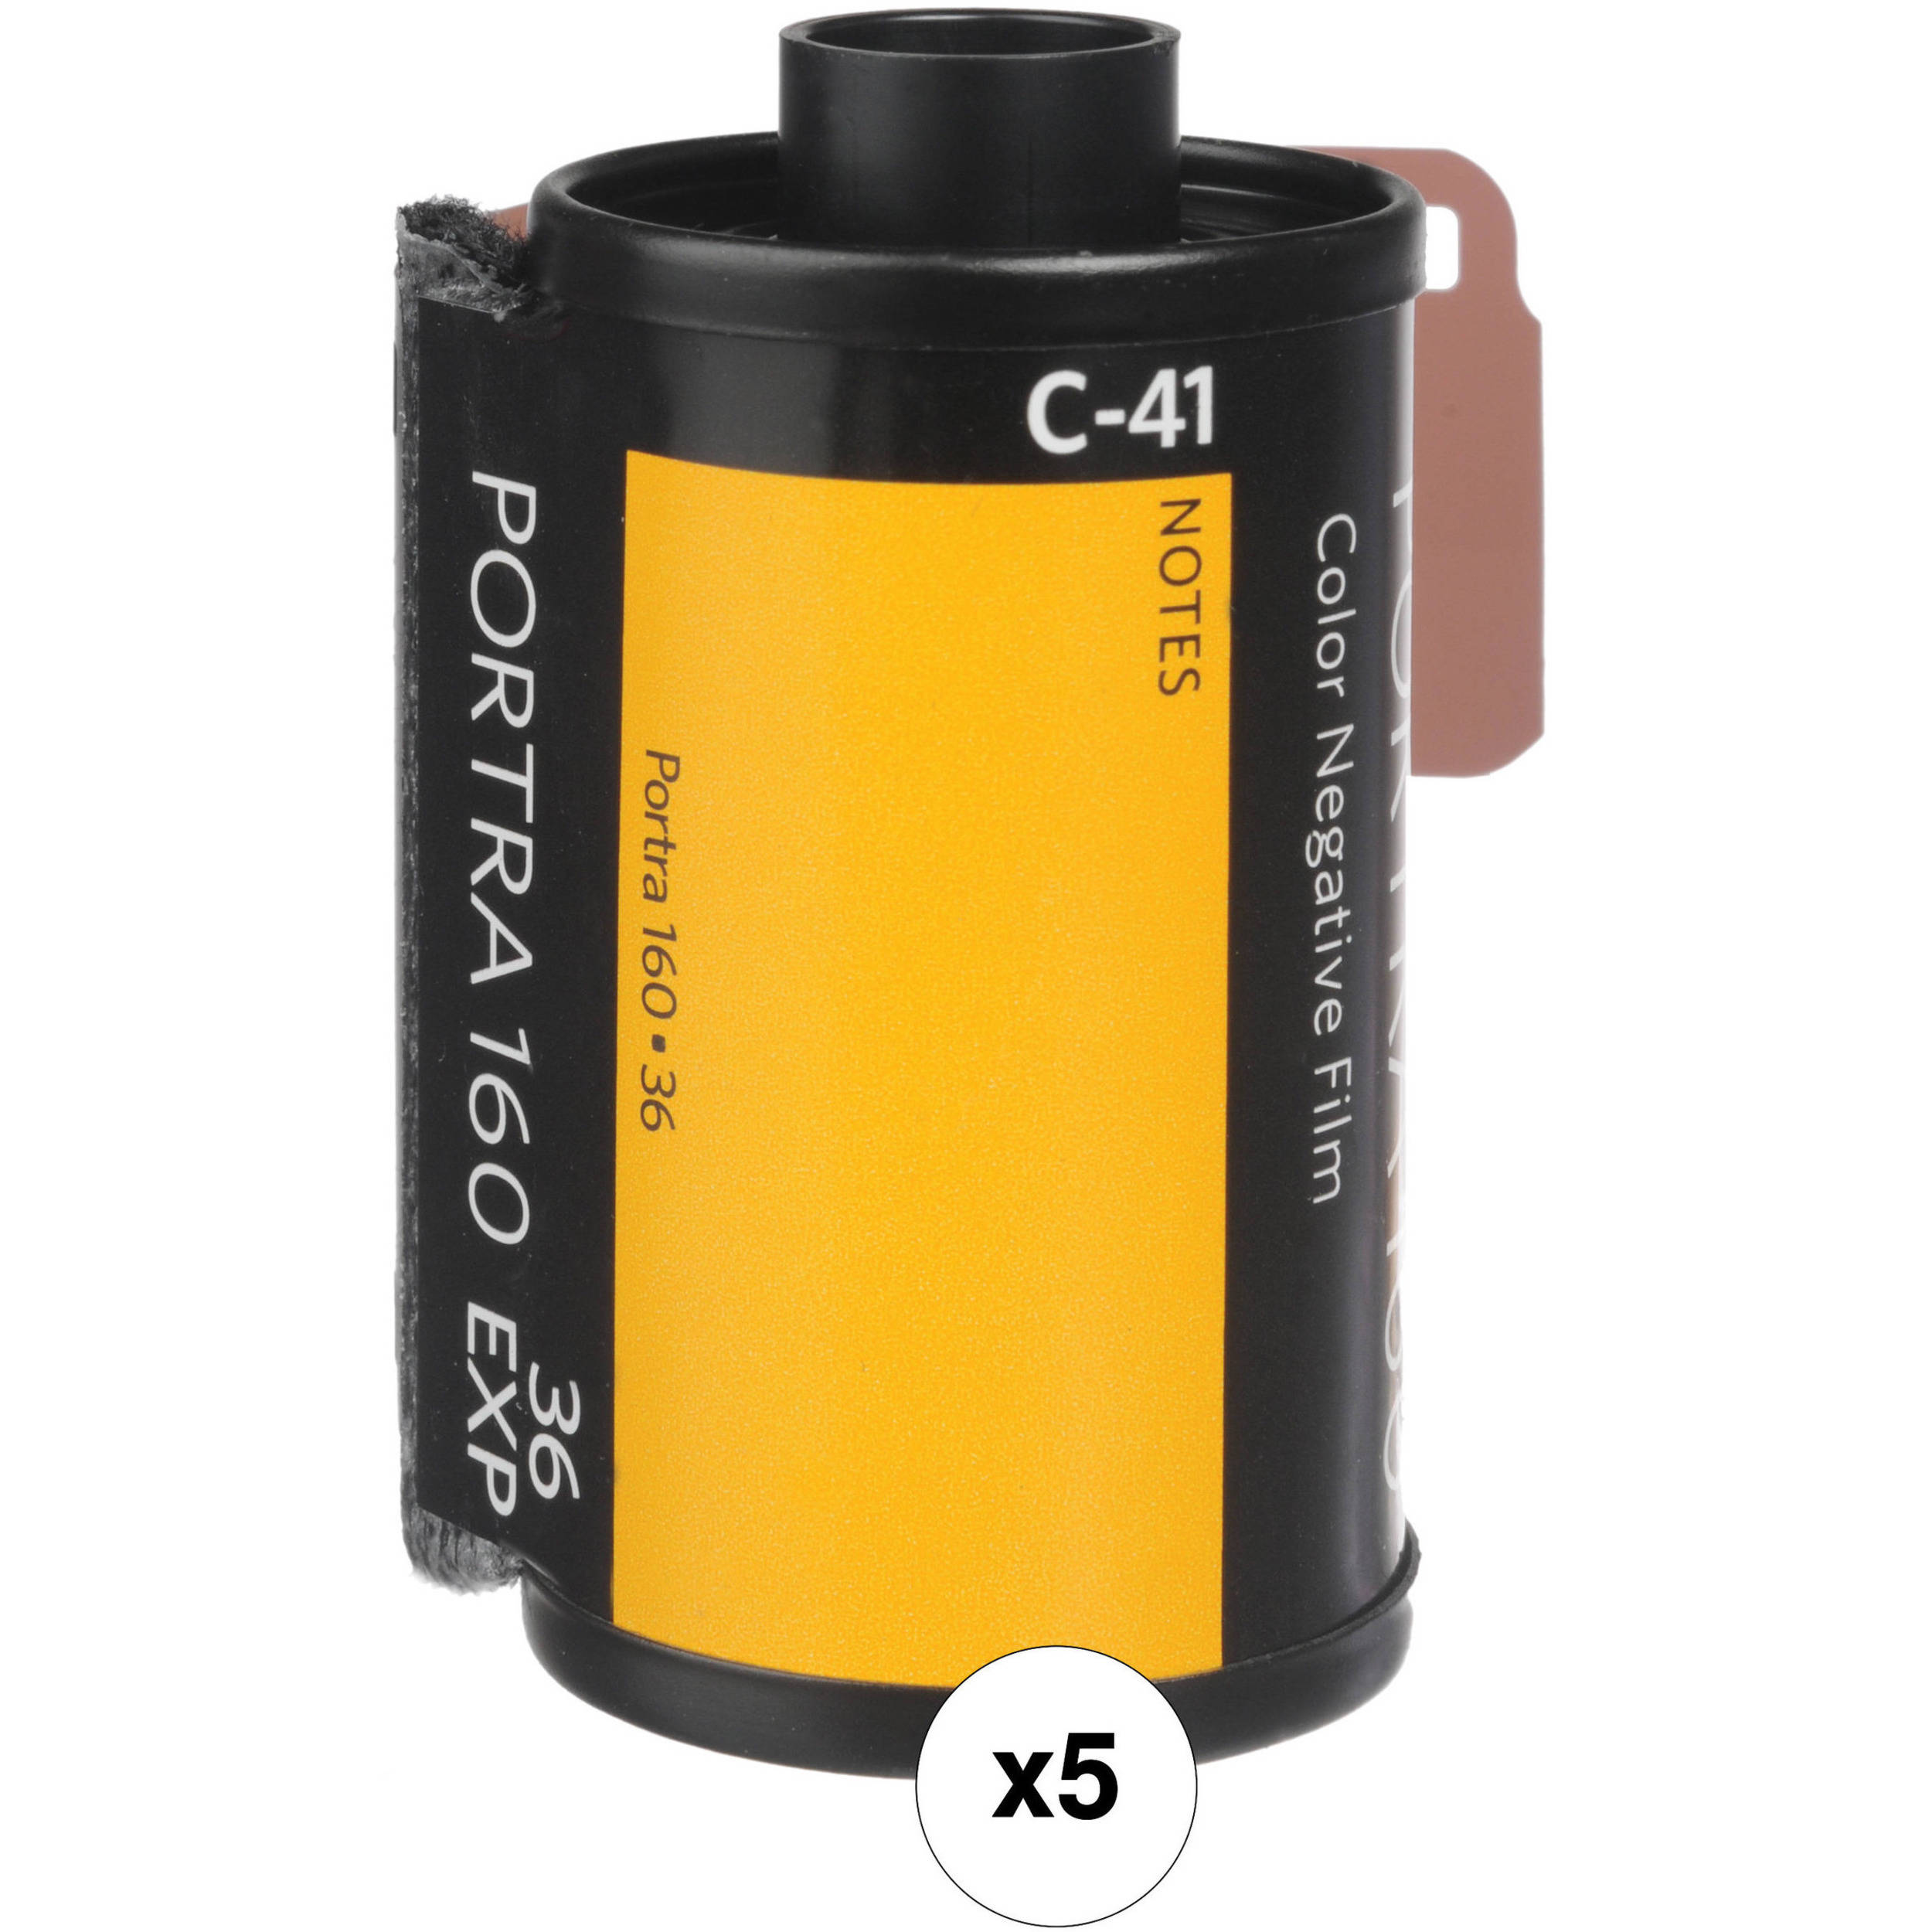 620 Film Kodak Portra 160 5 Roll Pack